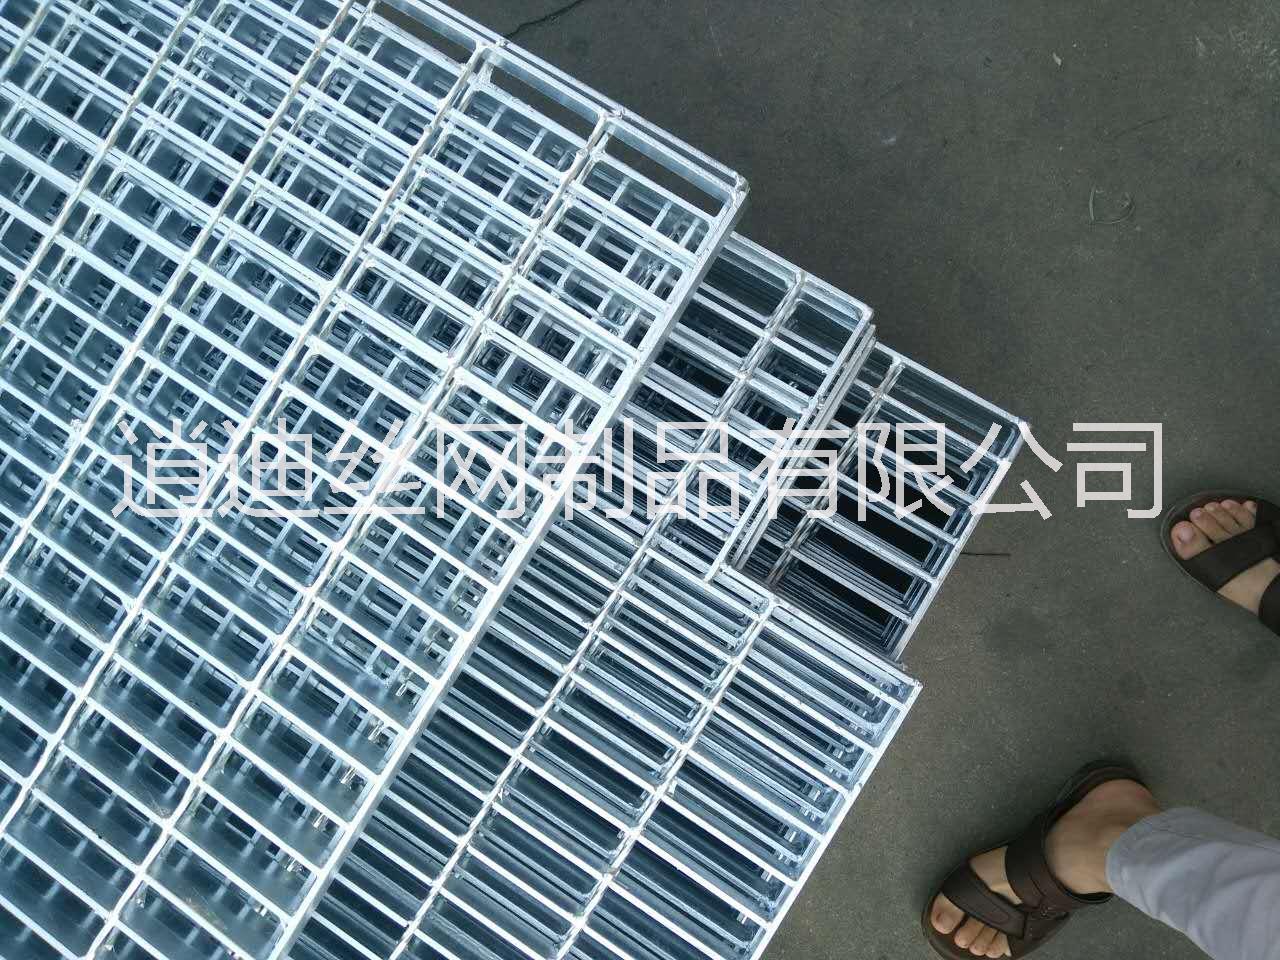 过道用沟盖板 承重40吨图片/过道用沟盖板 承重40吨样板图 (2)